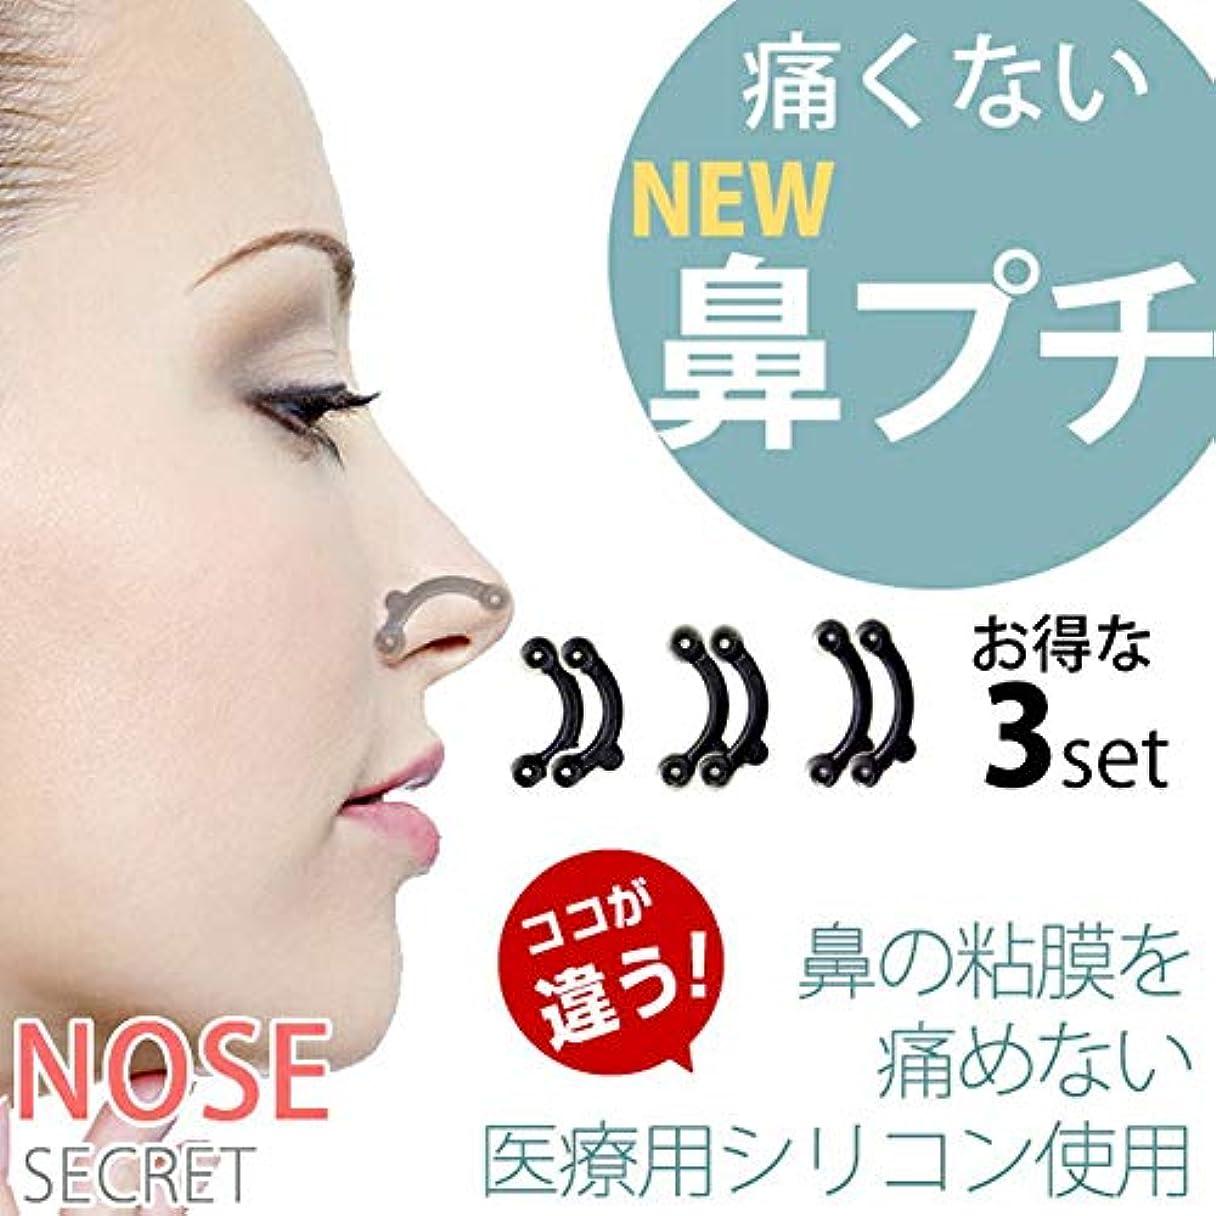 スロープミシン目資本鼻プチ 柔軟性高く Viconaビューティー正規品 ハナのアイプチ 矯正プチ 整形せず 23mm/24.5mm/26mm全3サイズセット